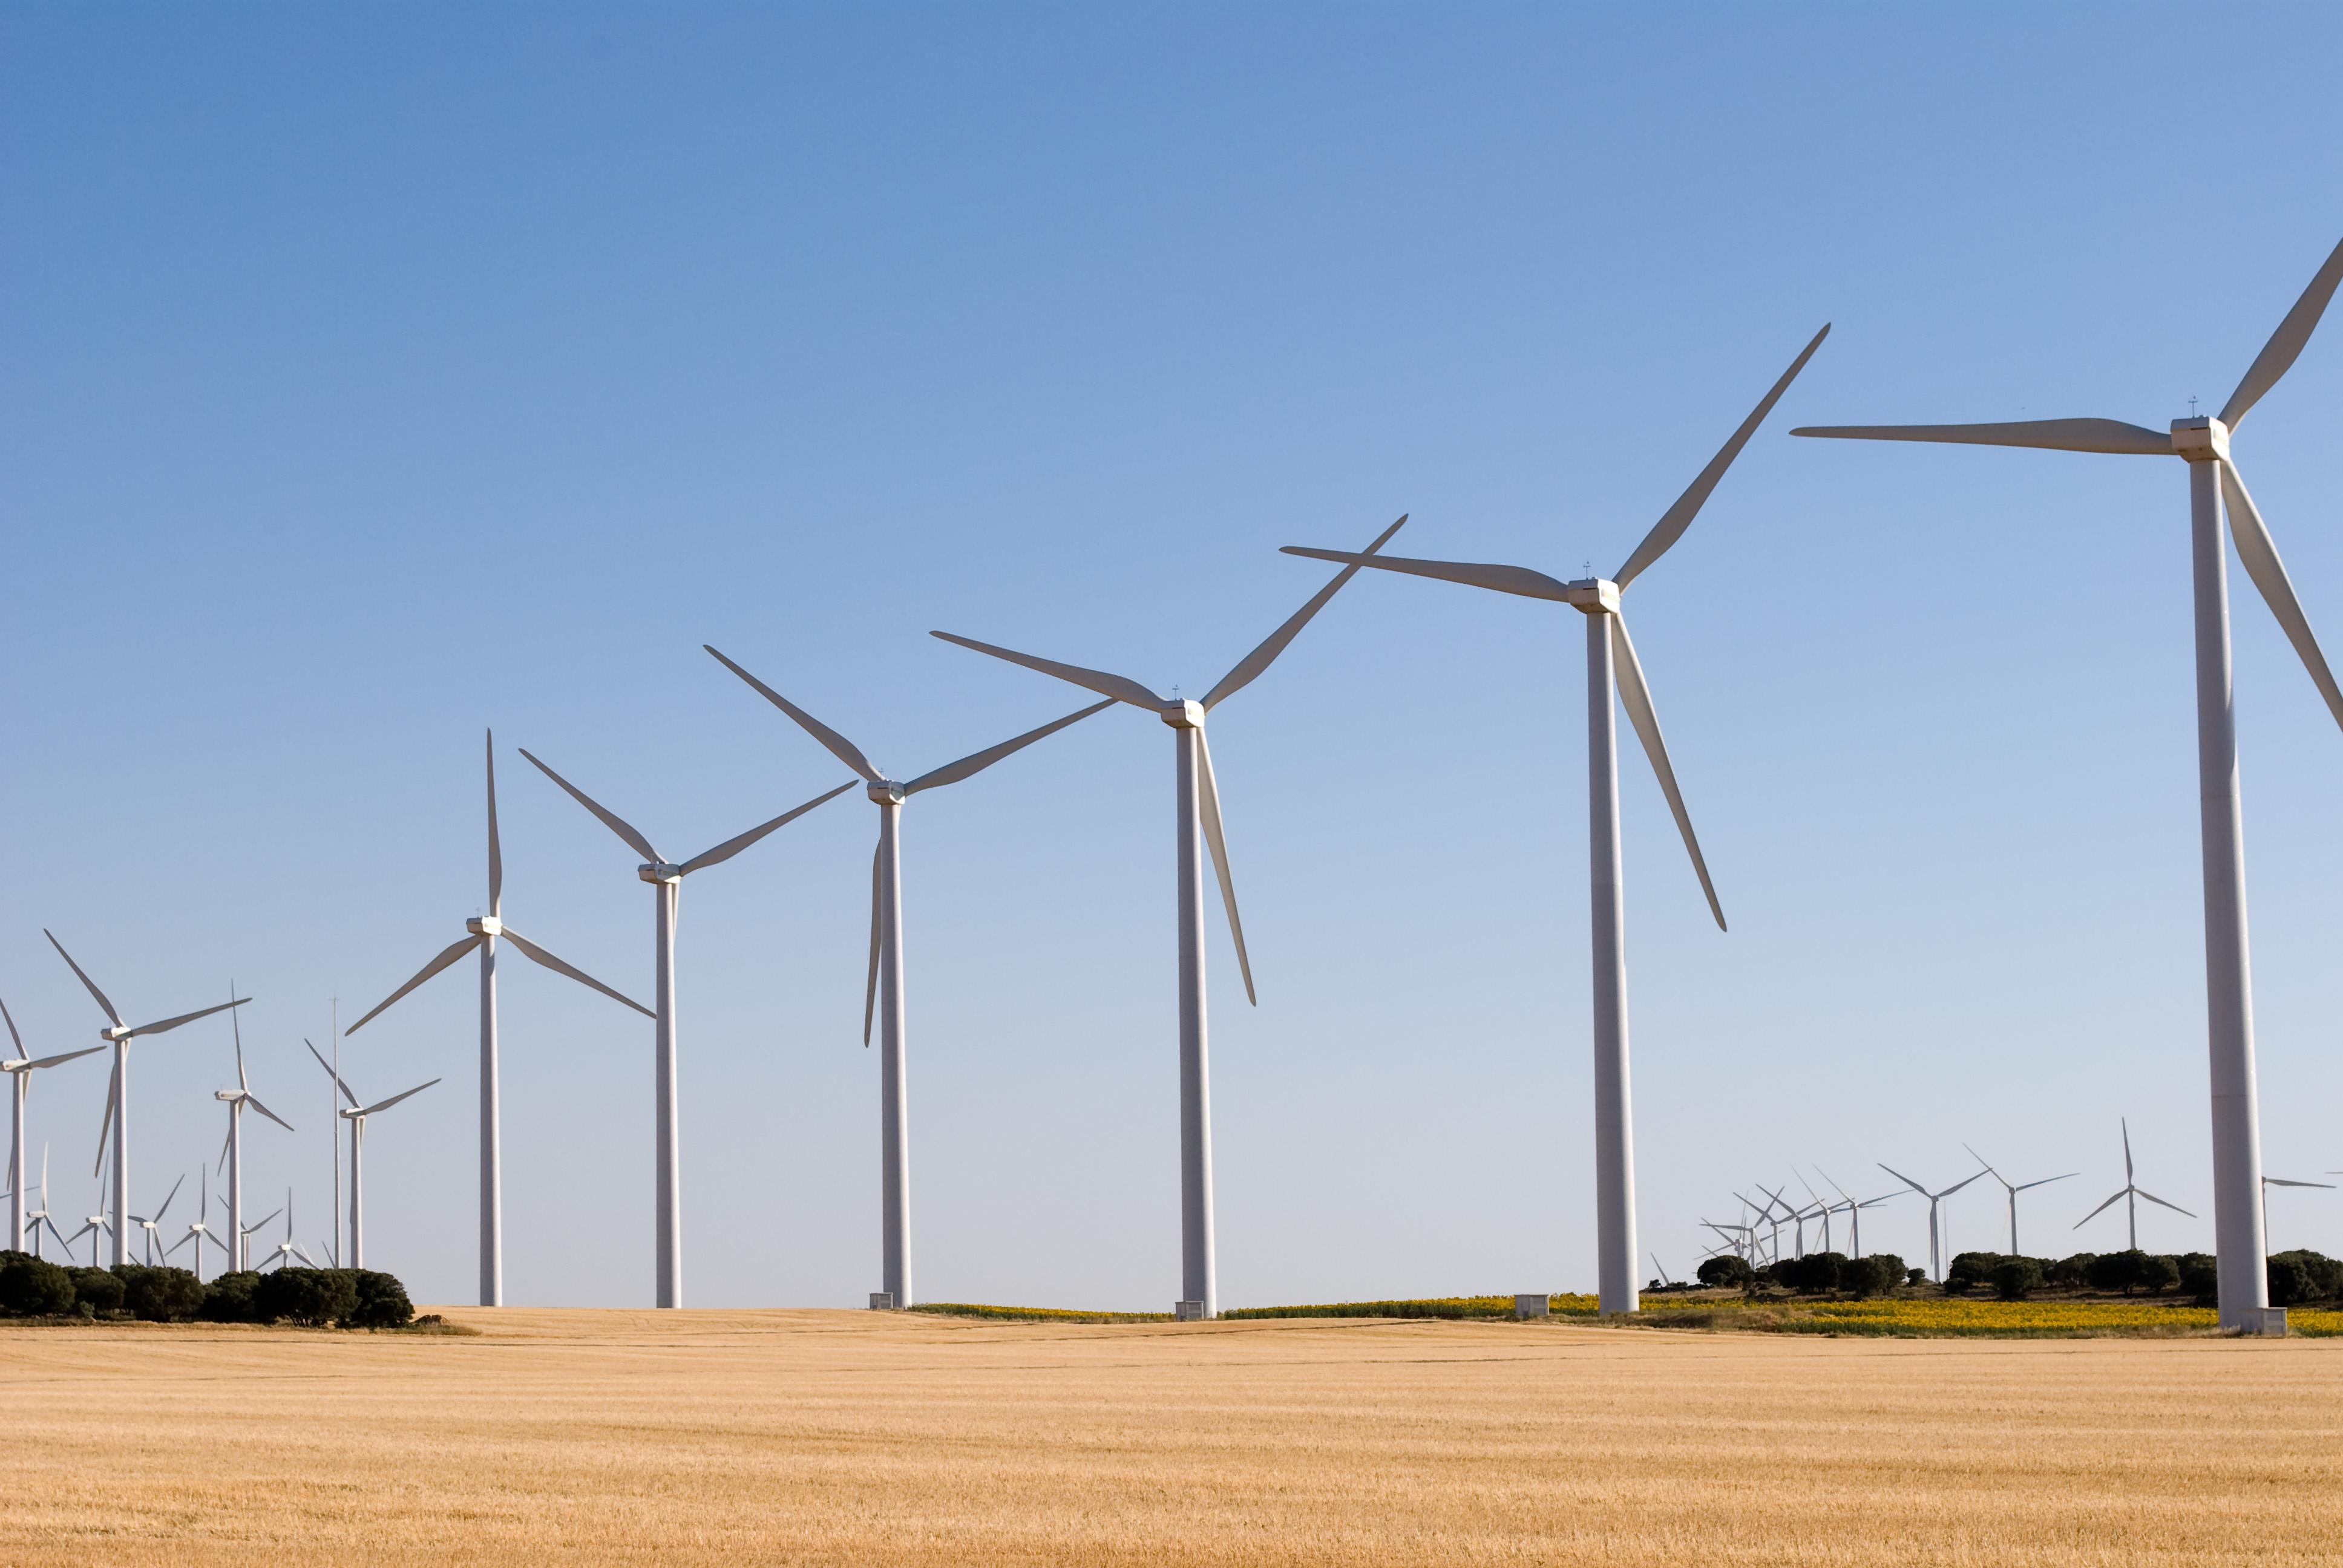 Proyecto de Parque Eólico: Enap avanza en responder a consultas del Servicio de Evaluación Ambiental